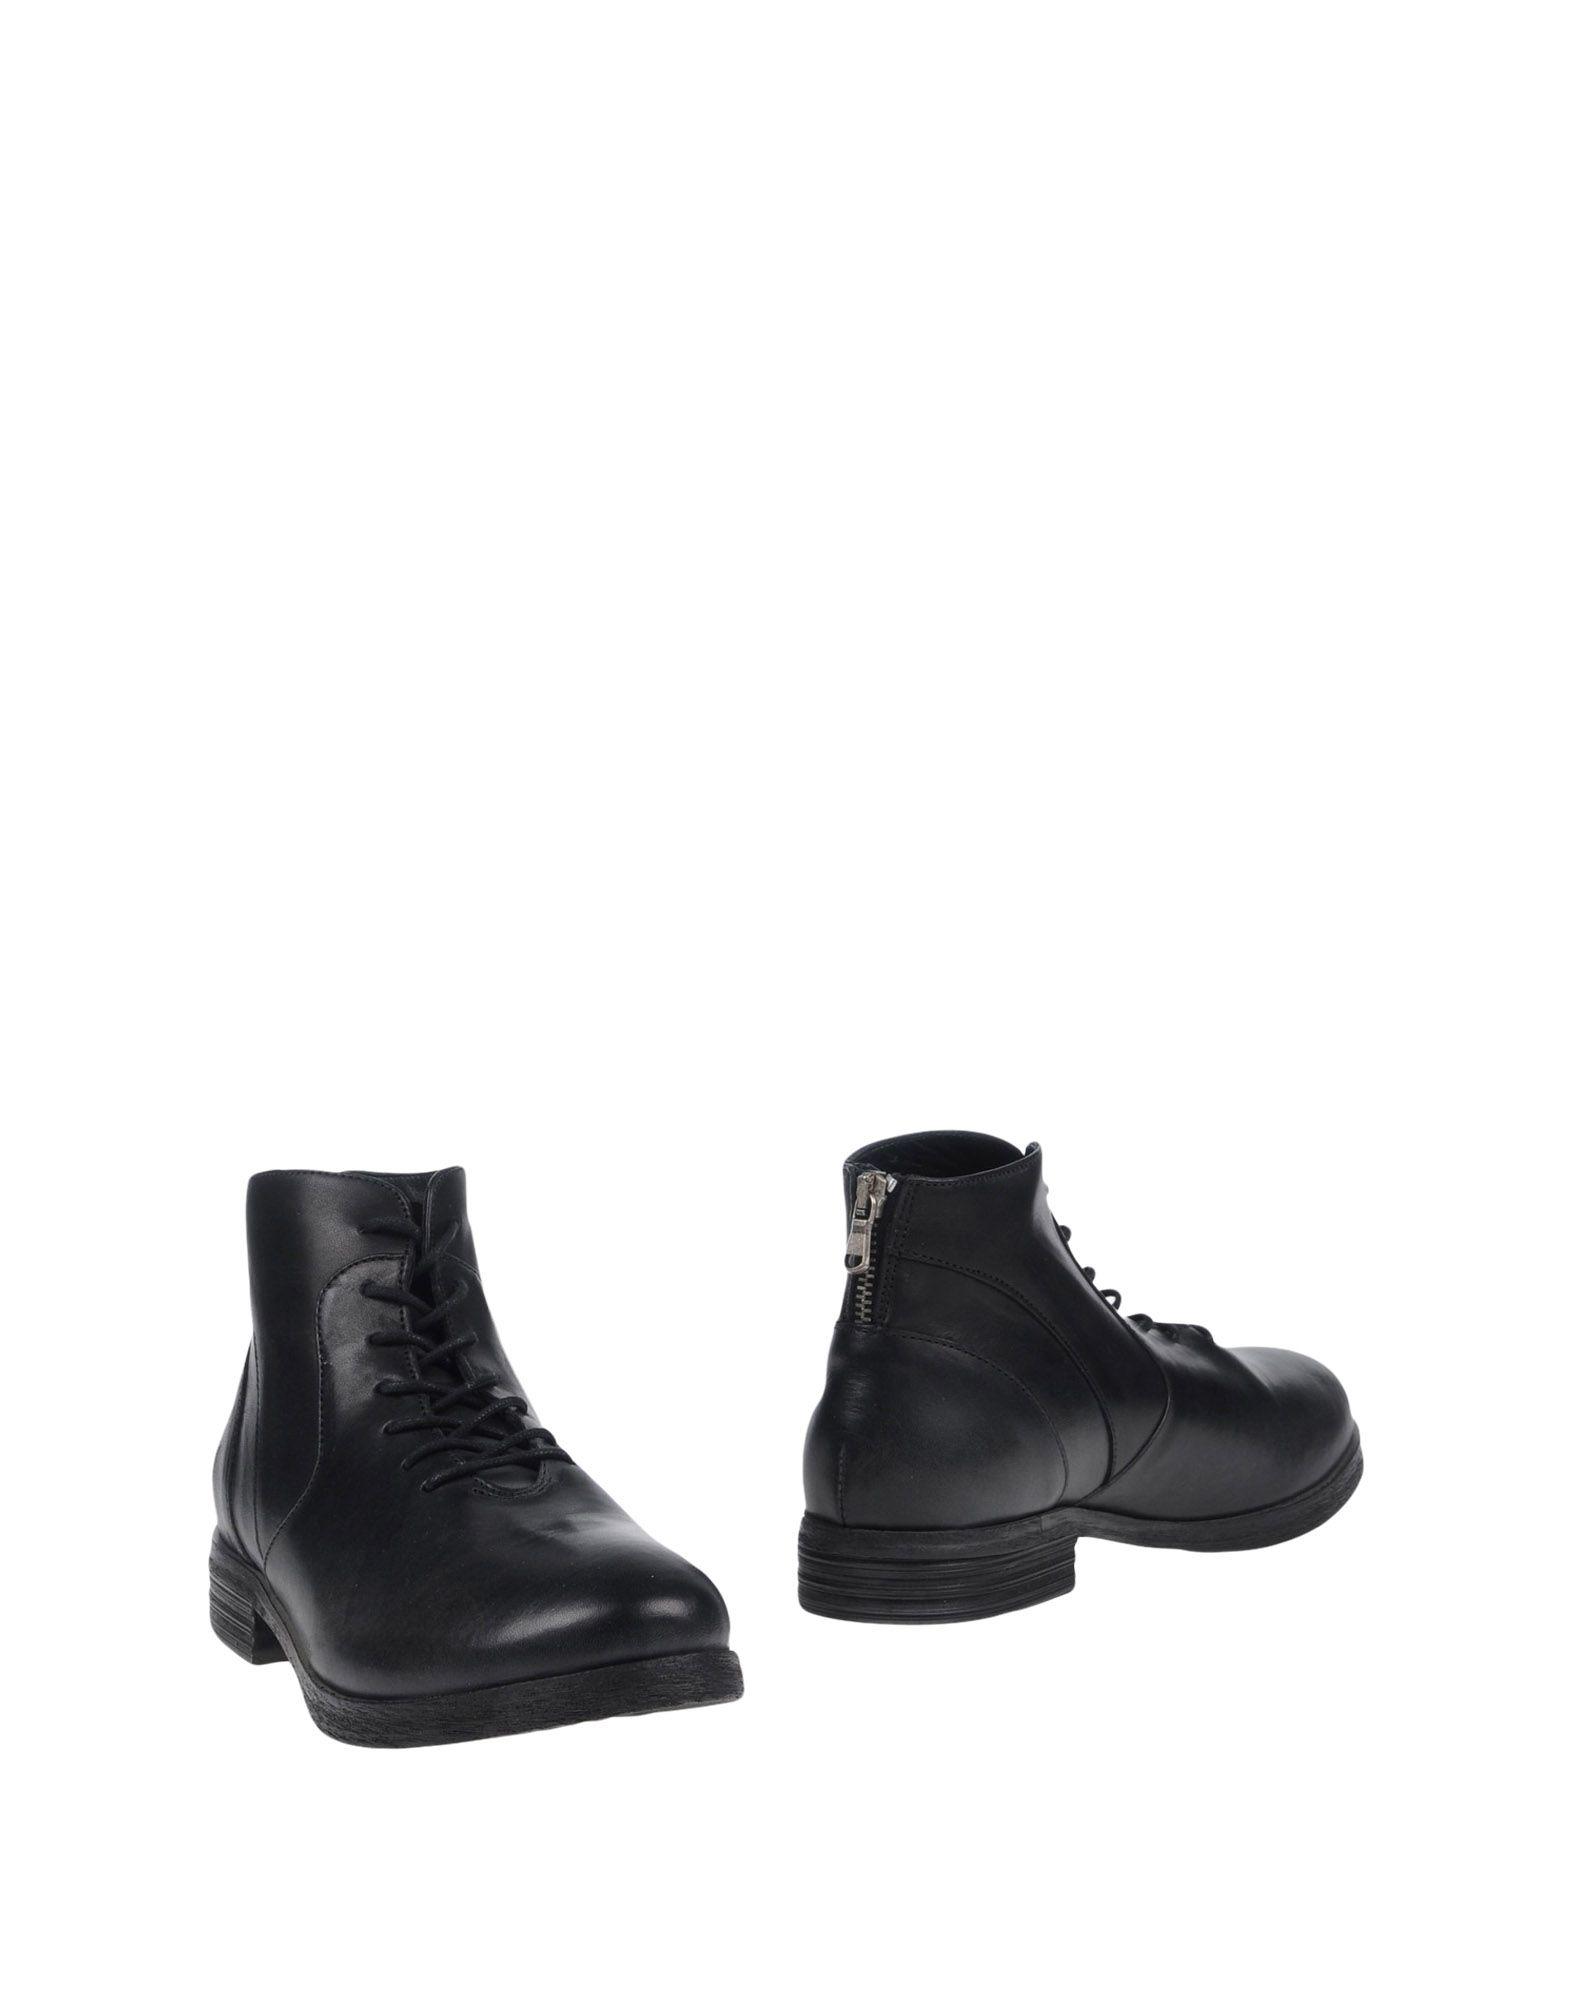 Gut um billige Schuhe Damen zu tragenPrincess® Bologna Stiefelette Damen Schuhe  11457650TX 7fd1da